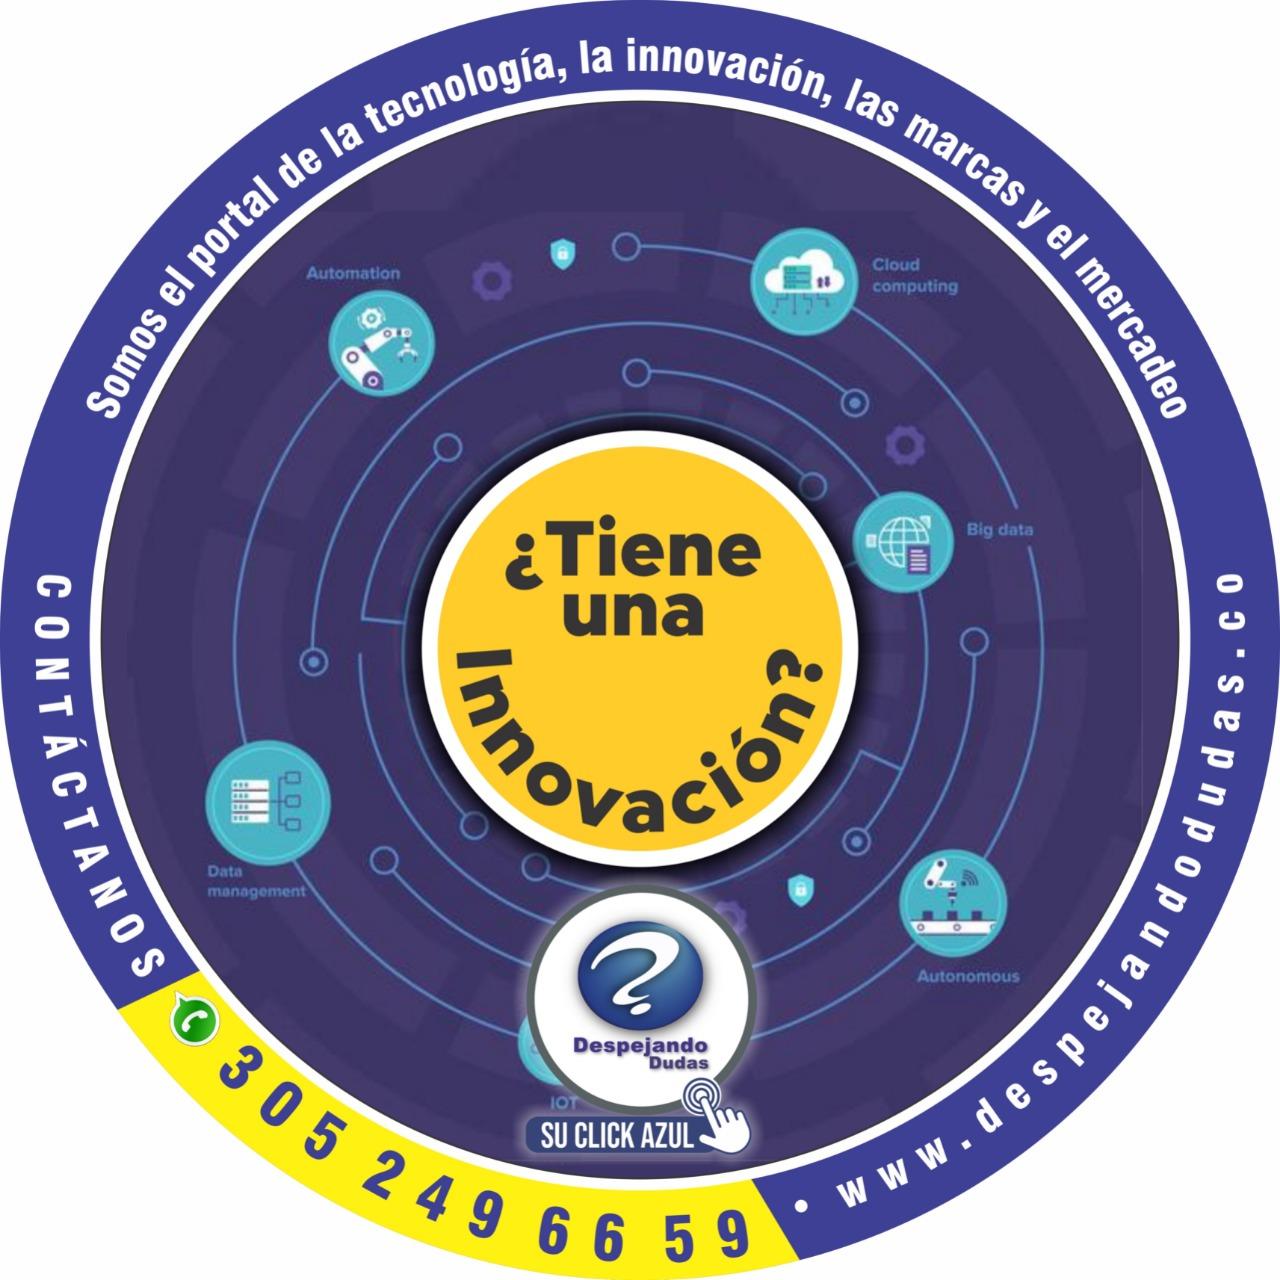 Destaque su innovación con nosotros